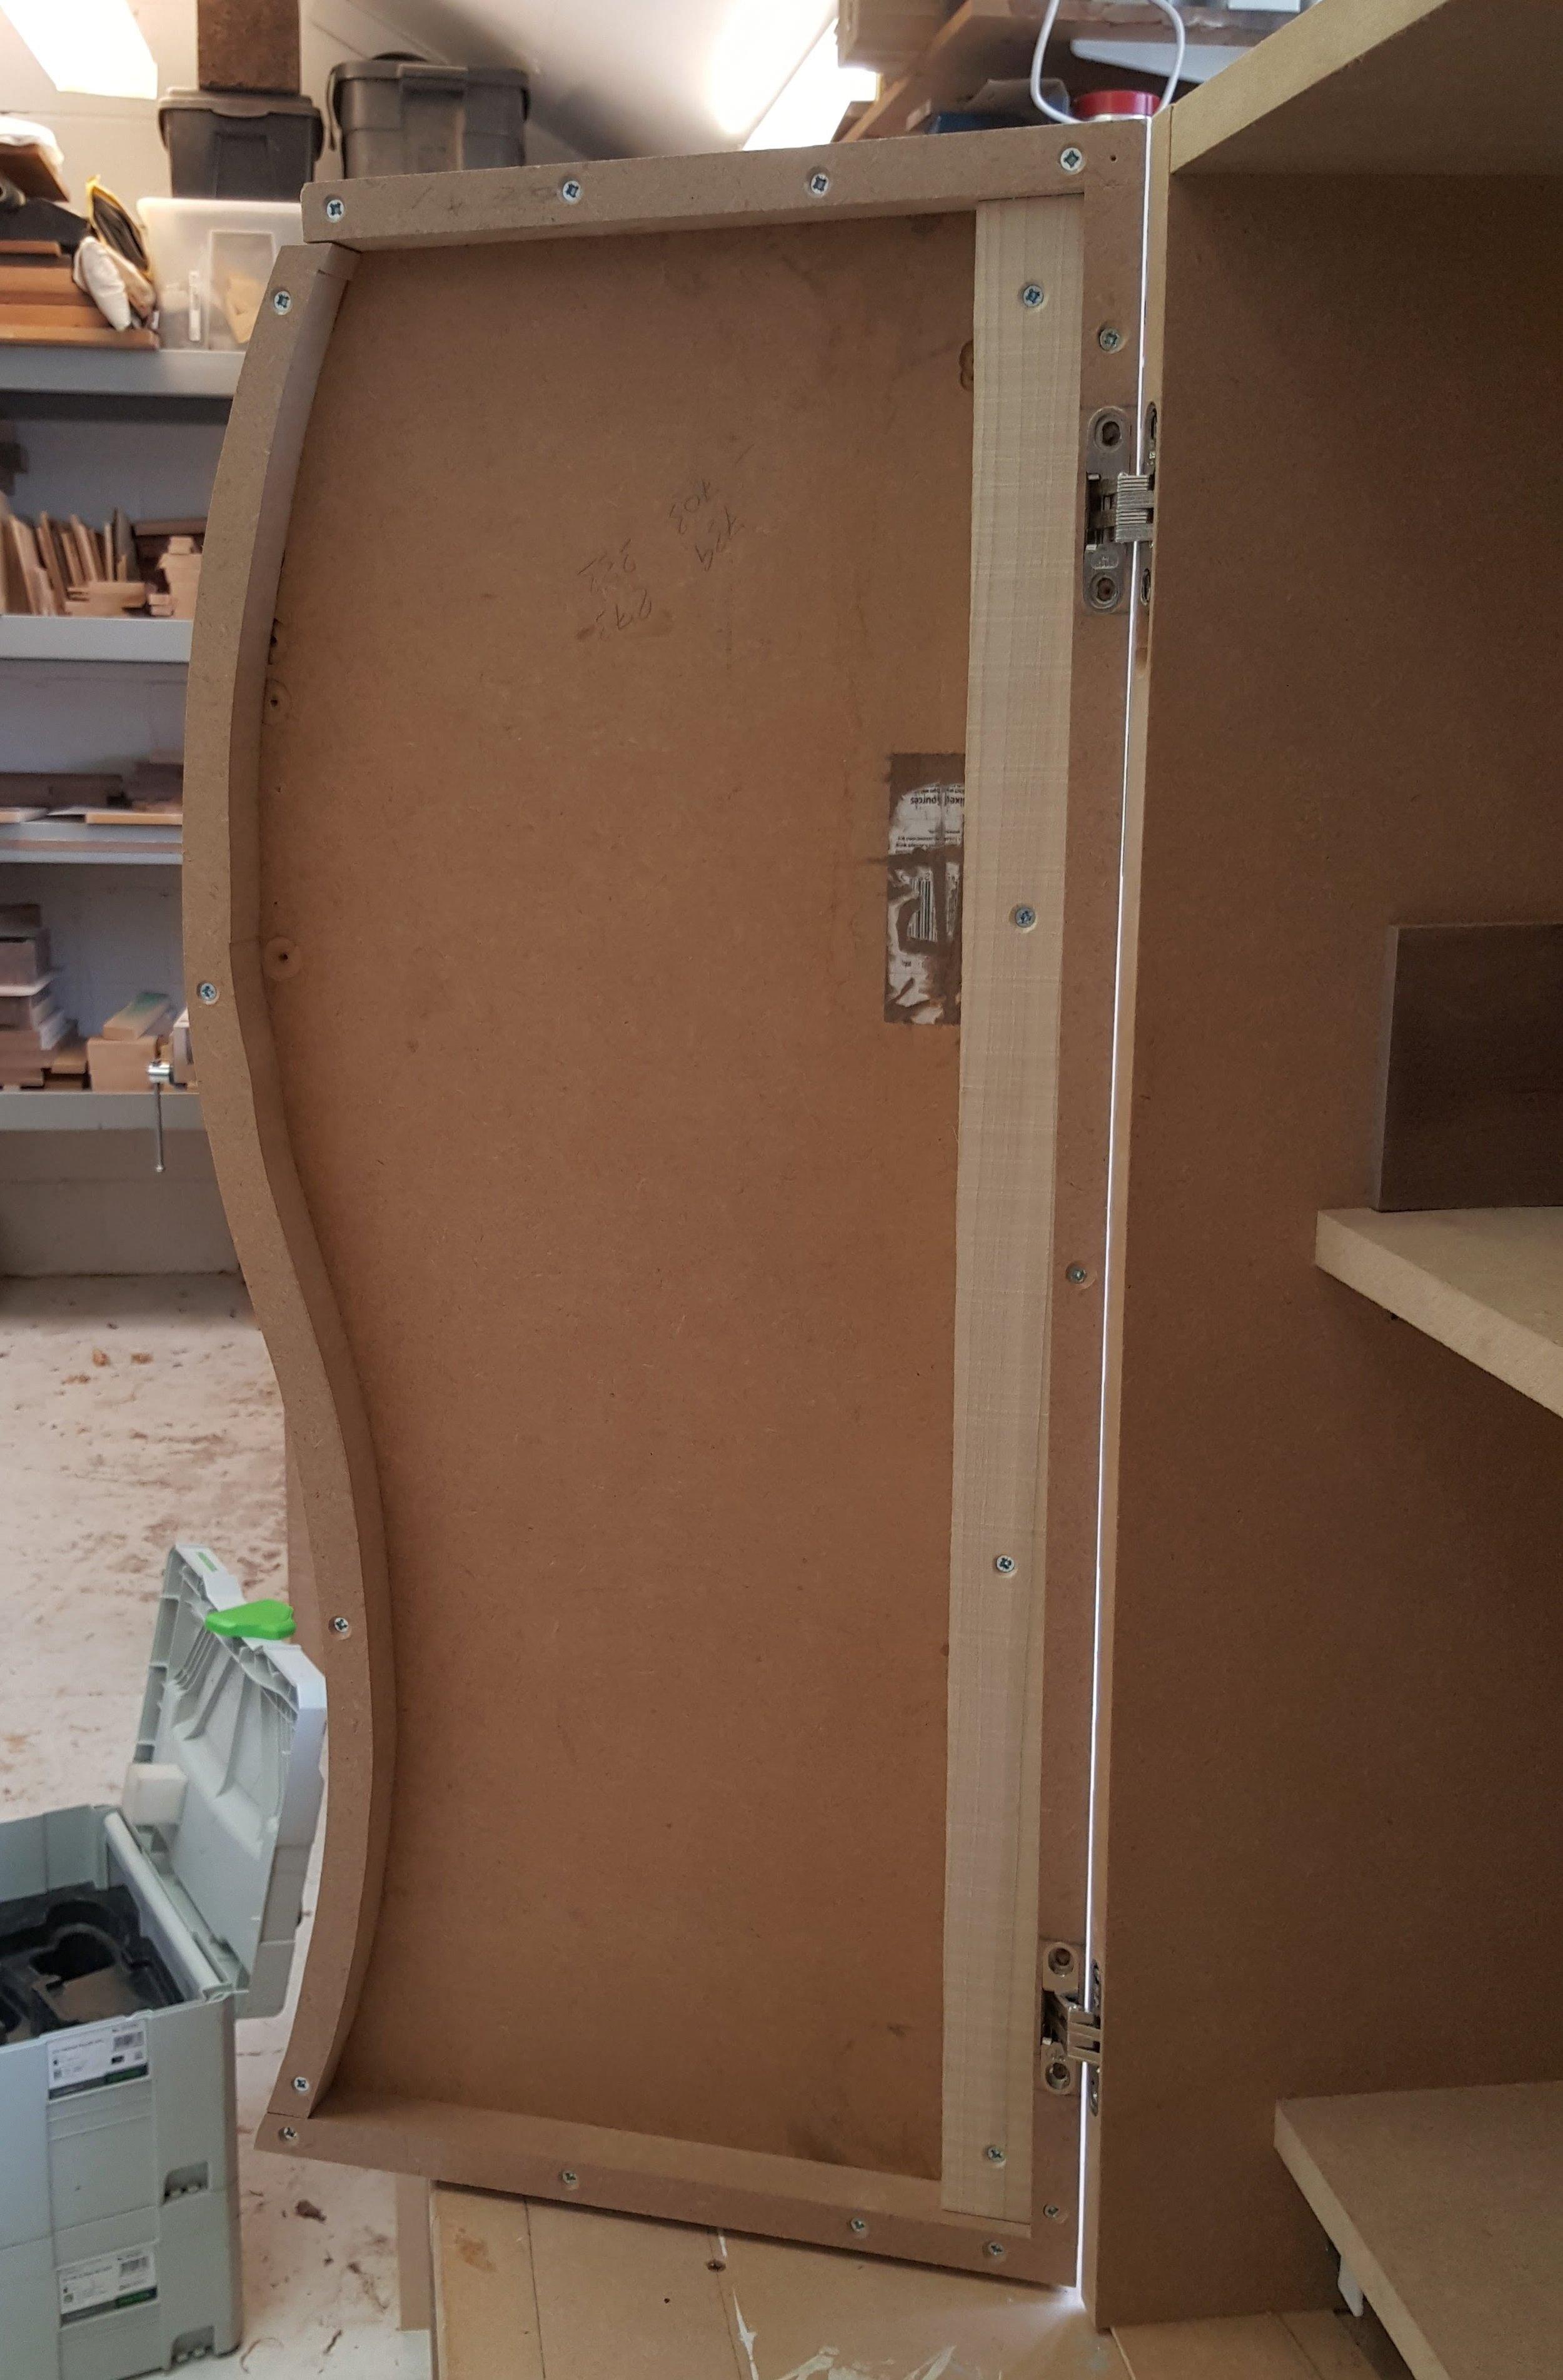 Heliconia_Furniture_door_inside.jpg